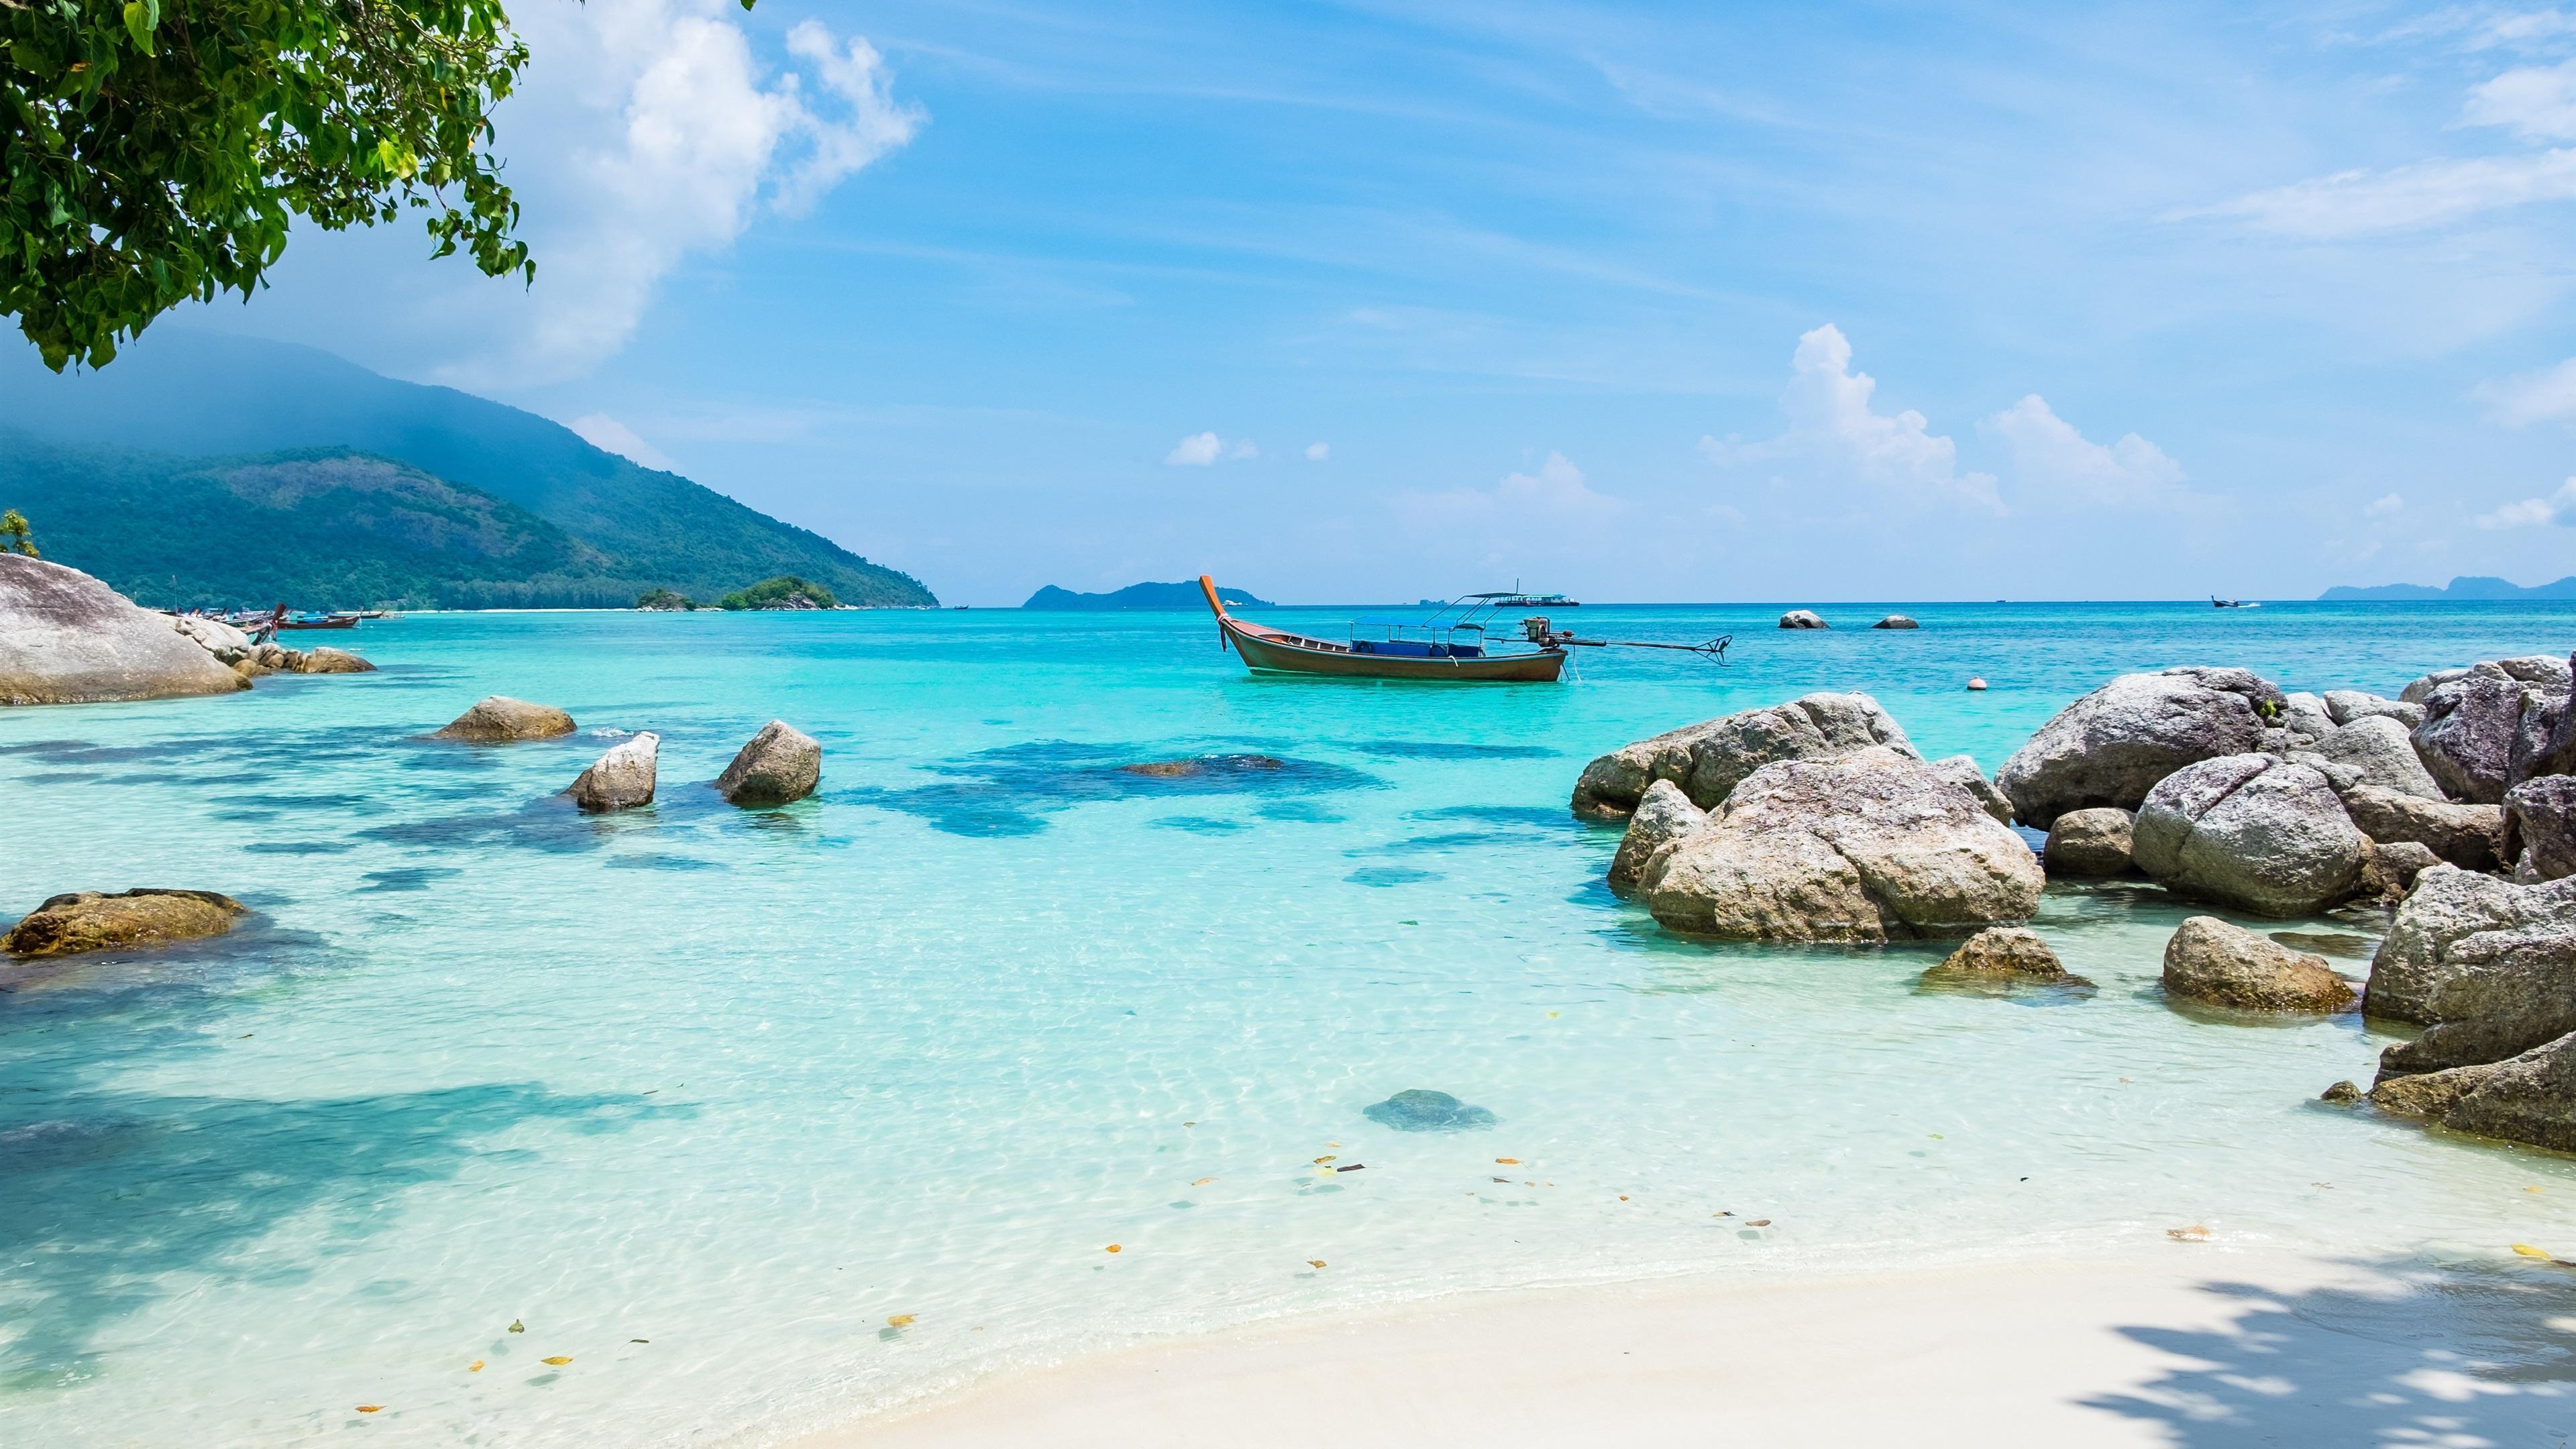 Wallpaper Tropics Landscape Sea Beach Boat Summer 3840x2160